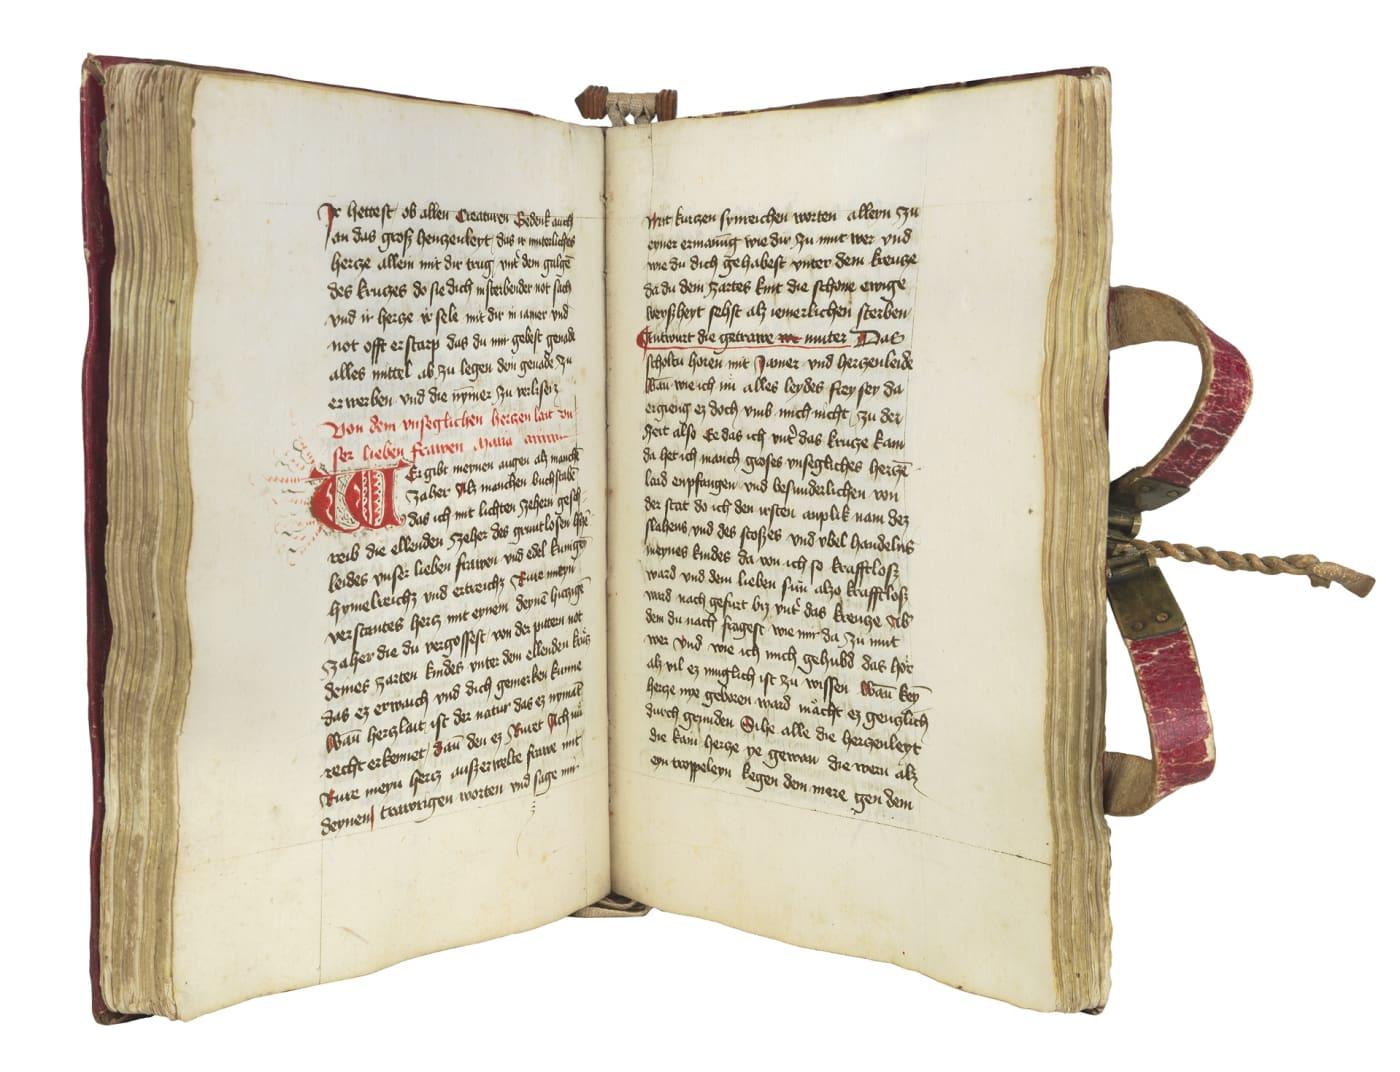 Büchlein der ewigen Weisheit, in German (Booklet of Eternal Wisdom)